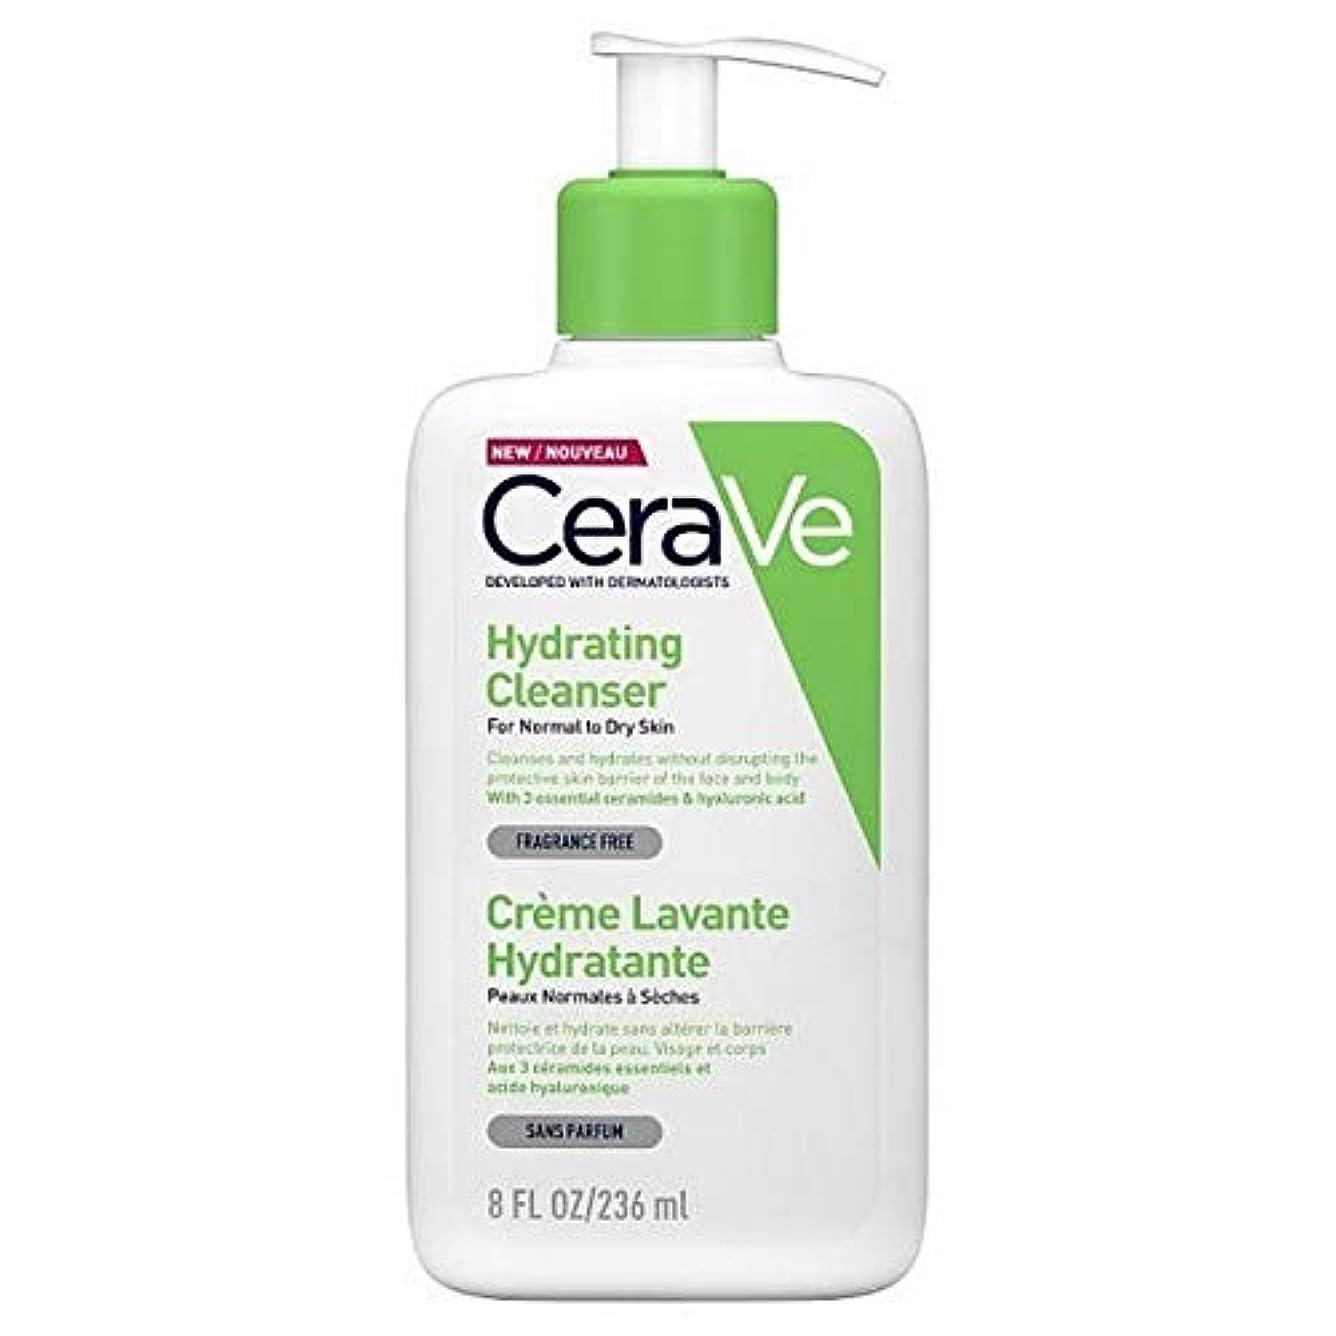 メガロポリス傭兵申し立てられた[CeraVe] Cerave水和クレンザー236ミリリットル - CeraVe Hydrating Cleanser 236ml [並行輸入品]